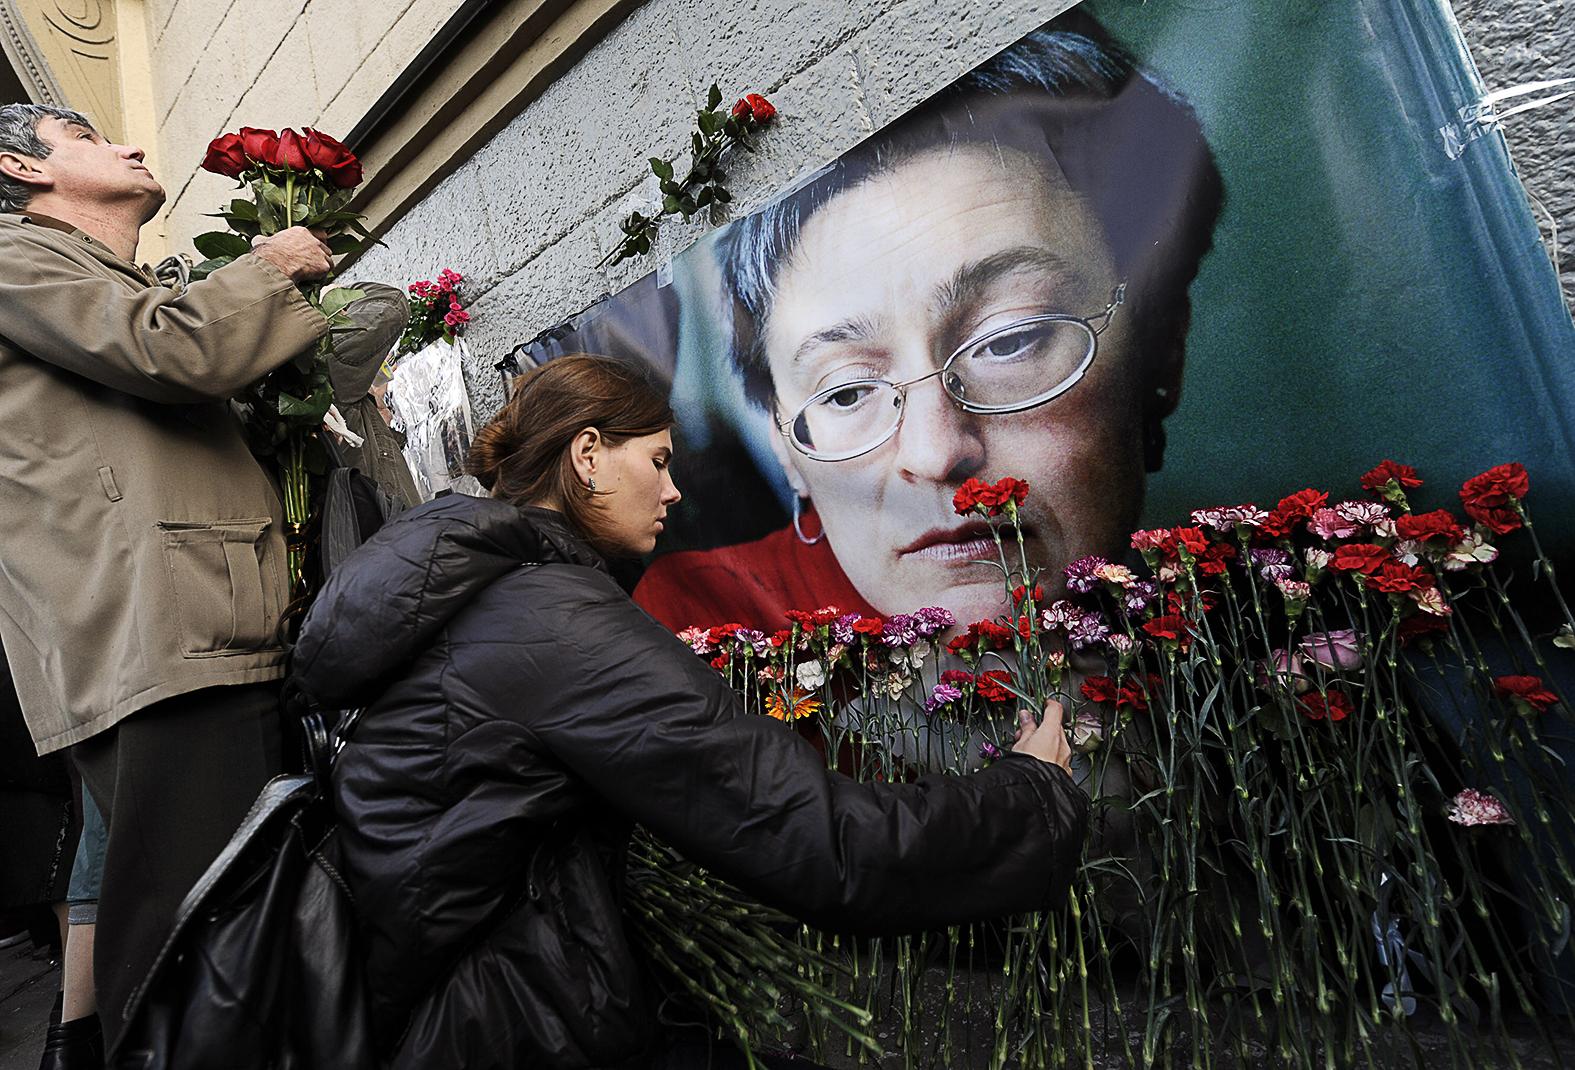 Megemlékezők Anna Politkovszkaja meggyilkolásának hamadik évfordulóján 2009. október 7-én Moszkvában #moszkvater